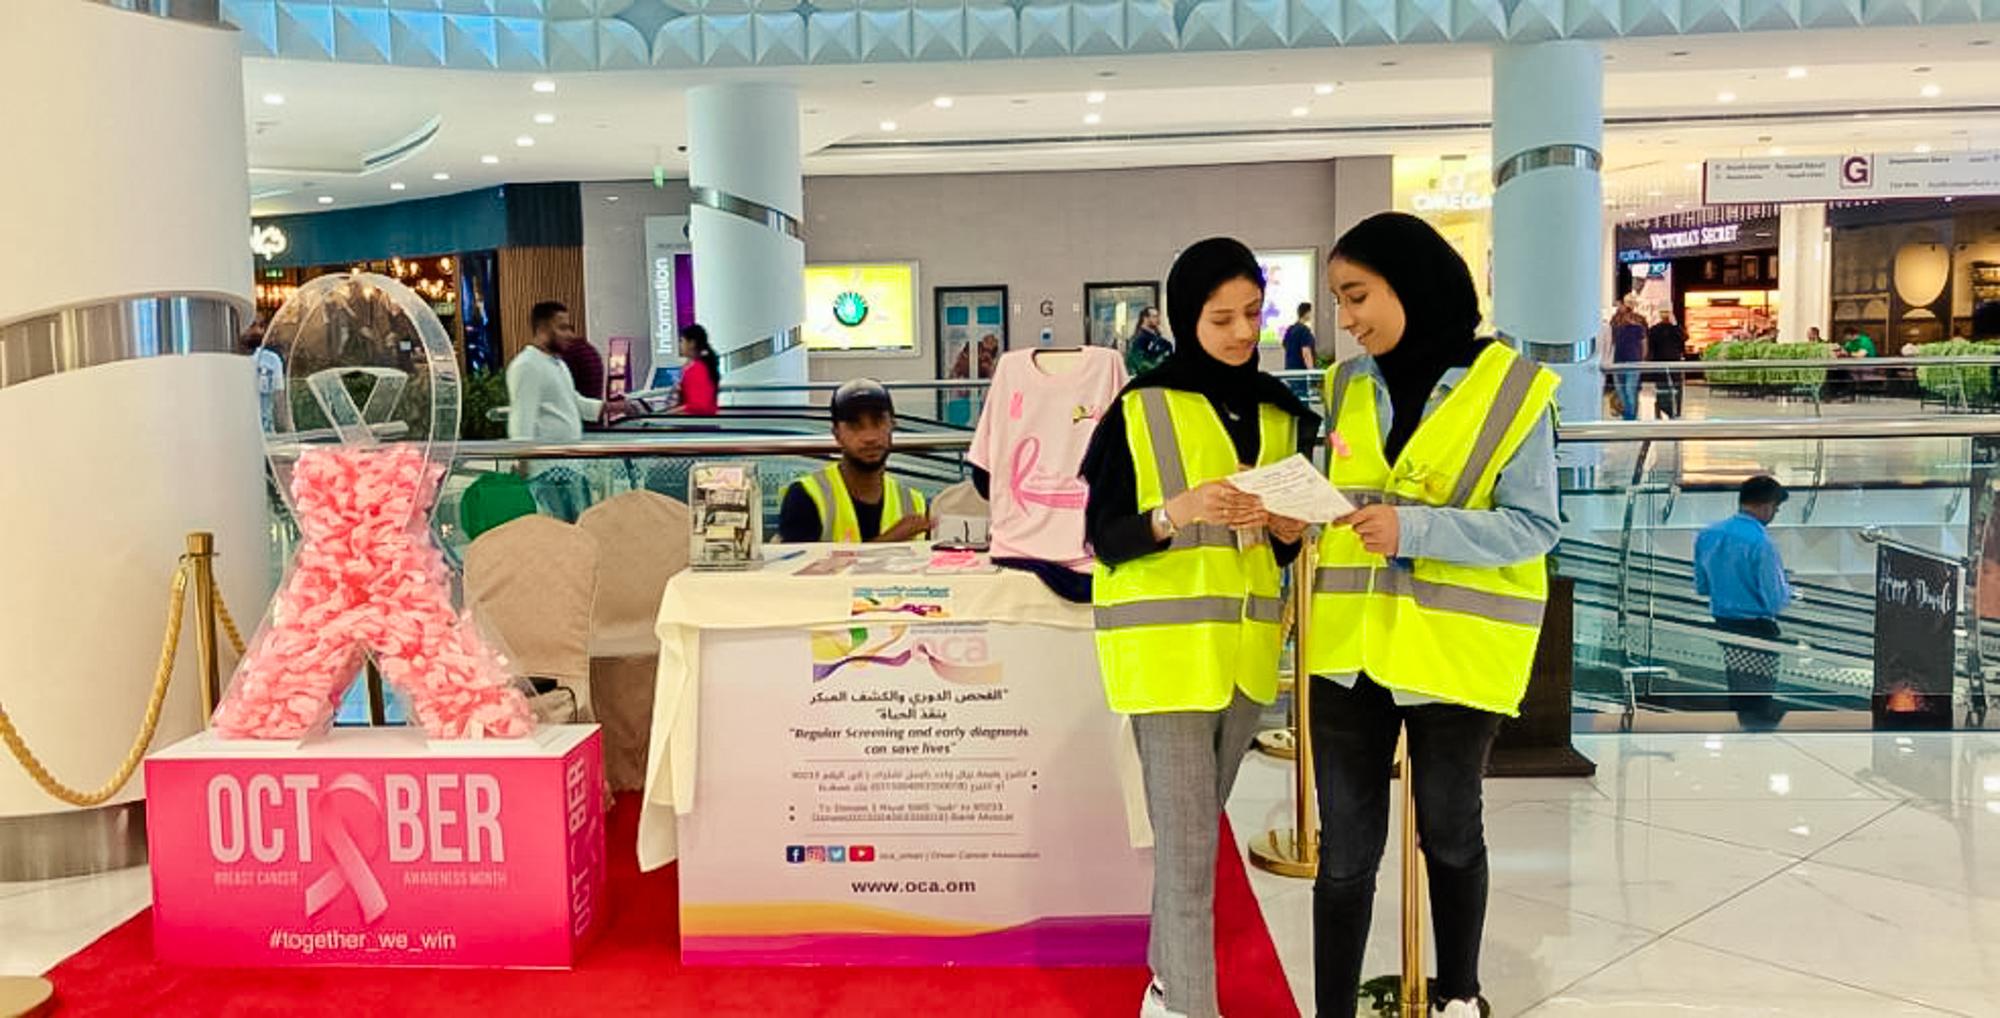 OCA volunteering in malls 4